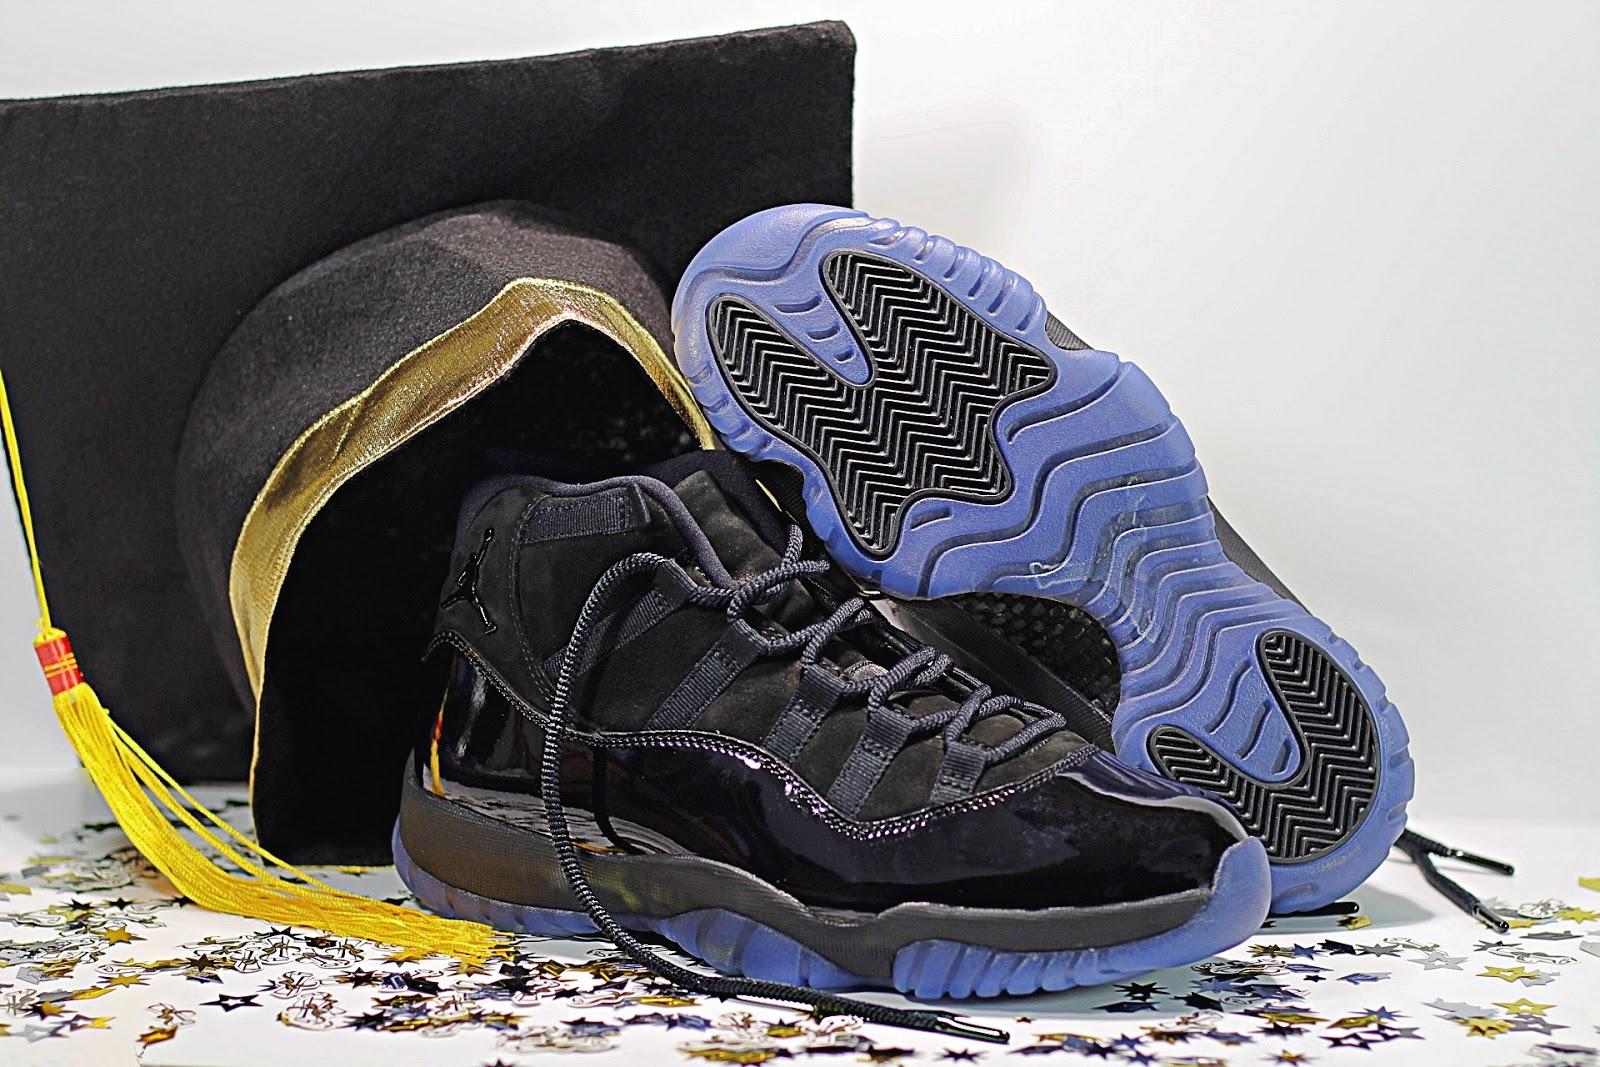 b4903abc2a3f6f SNEAKER BISTRO - Streetwear Served w